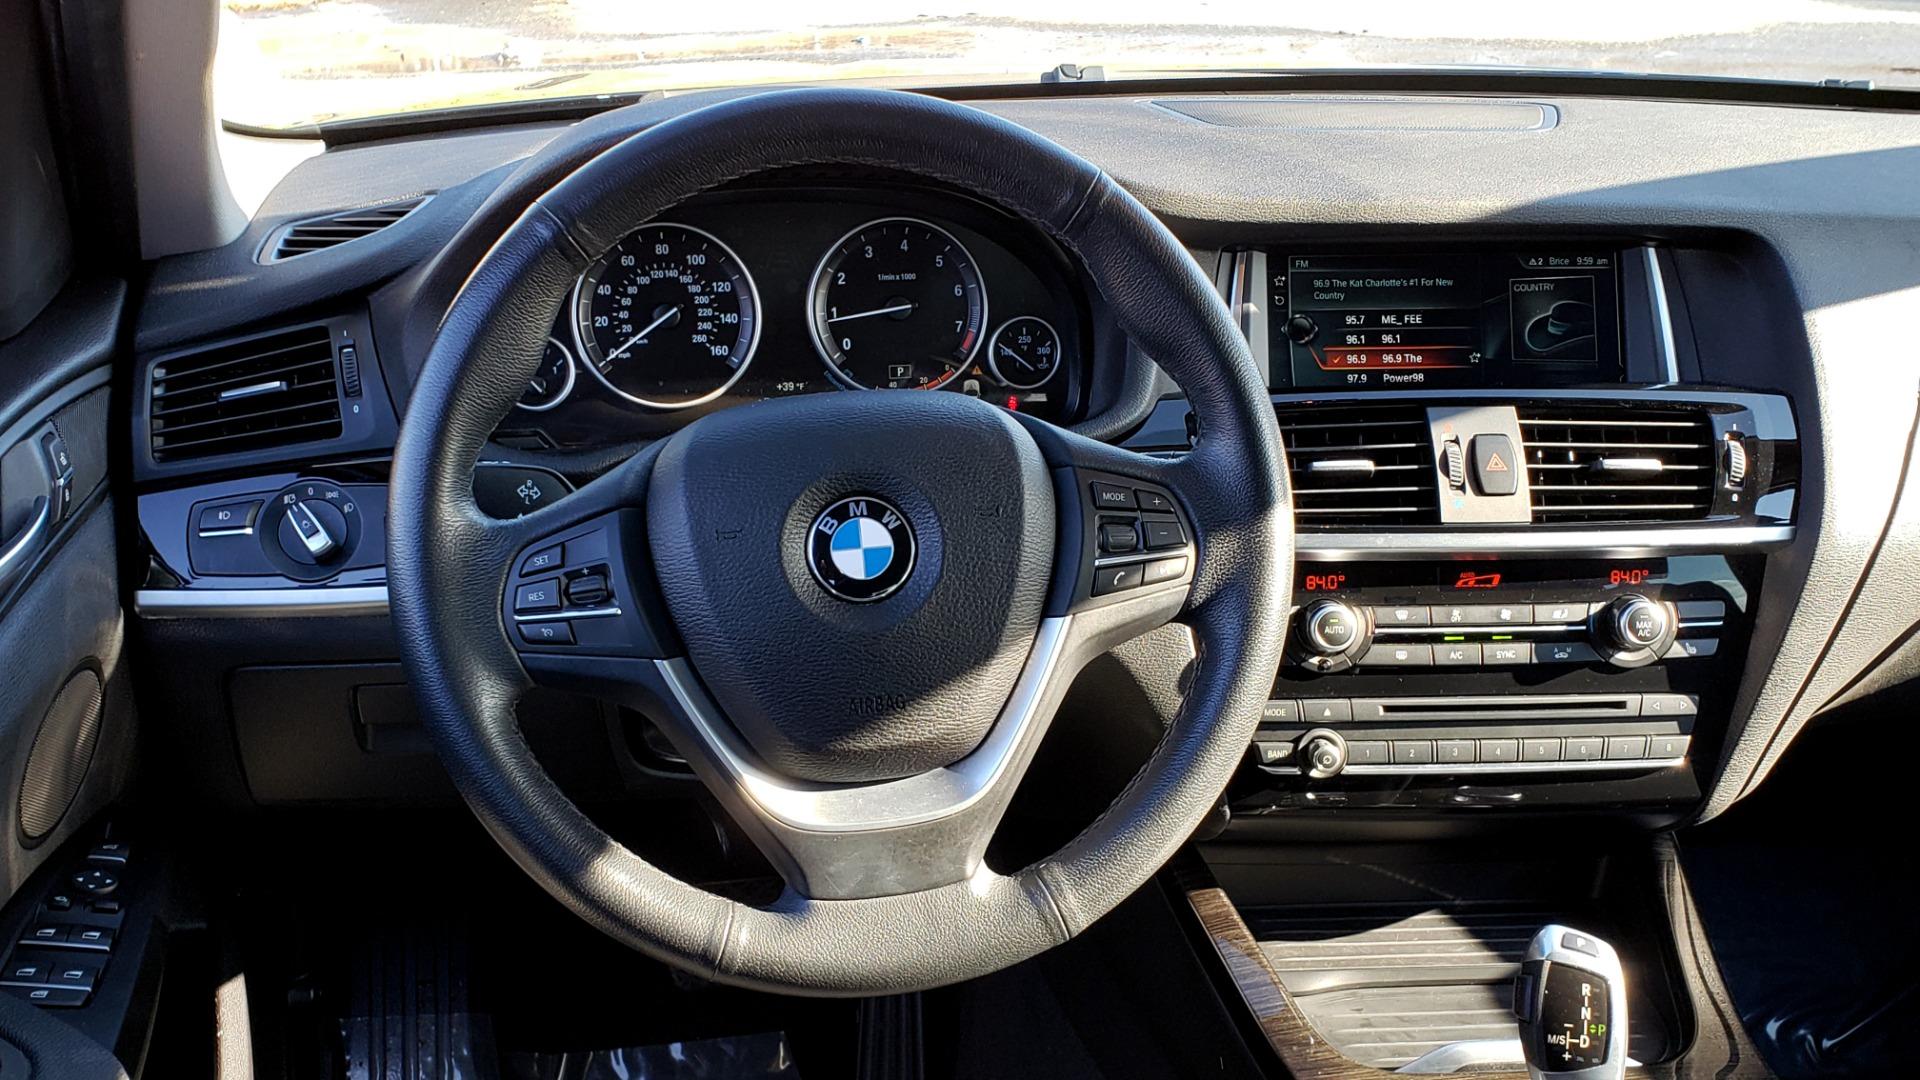 Used 2017 BMW X3 XDRIVE28I / PREM PKG / NAV / DRVR ASST / HTD STS / CAMERAS for sale Sold at Formula Imports in Charlotte NC 28227 45